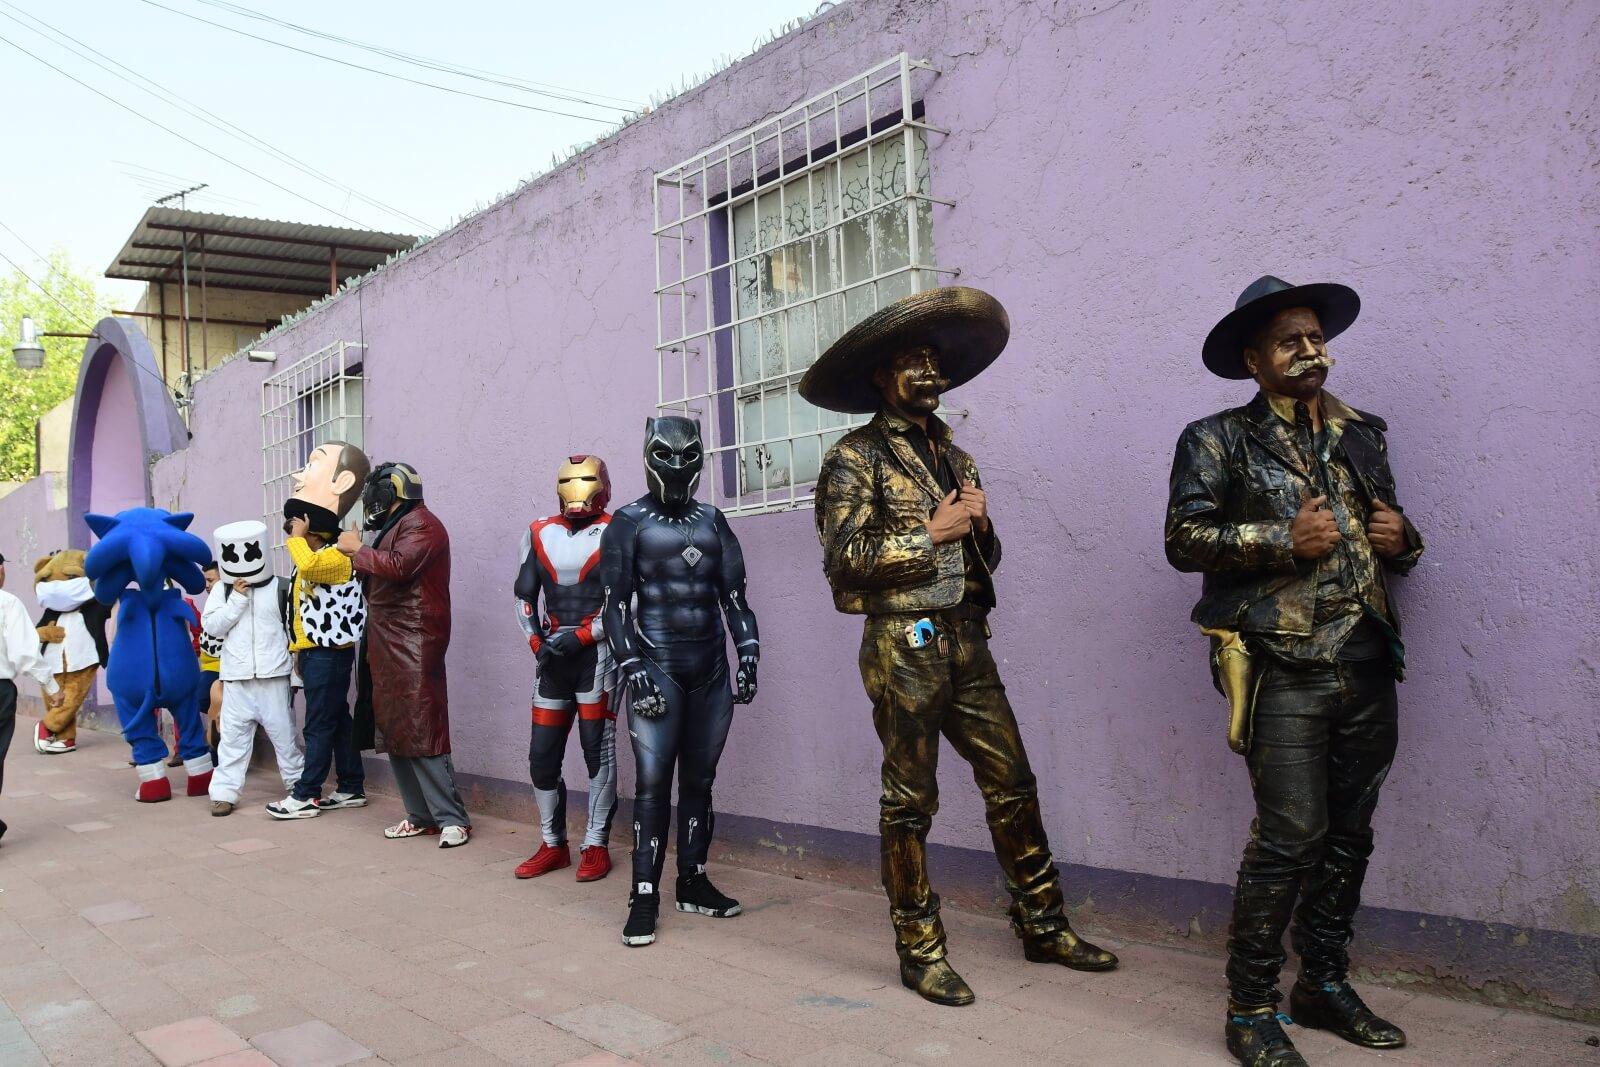 Artyści w Meksyku wspomagają walkę z koronawirusem fot. EPA/JORGE NUNEZ